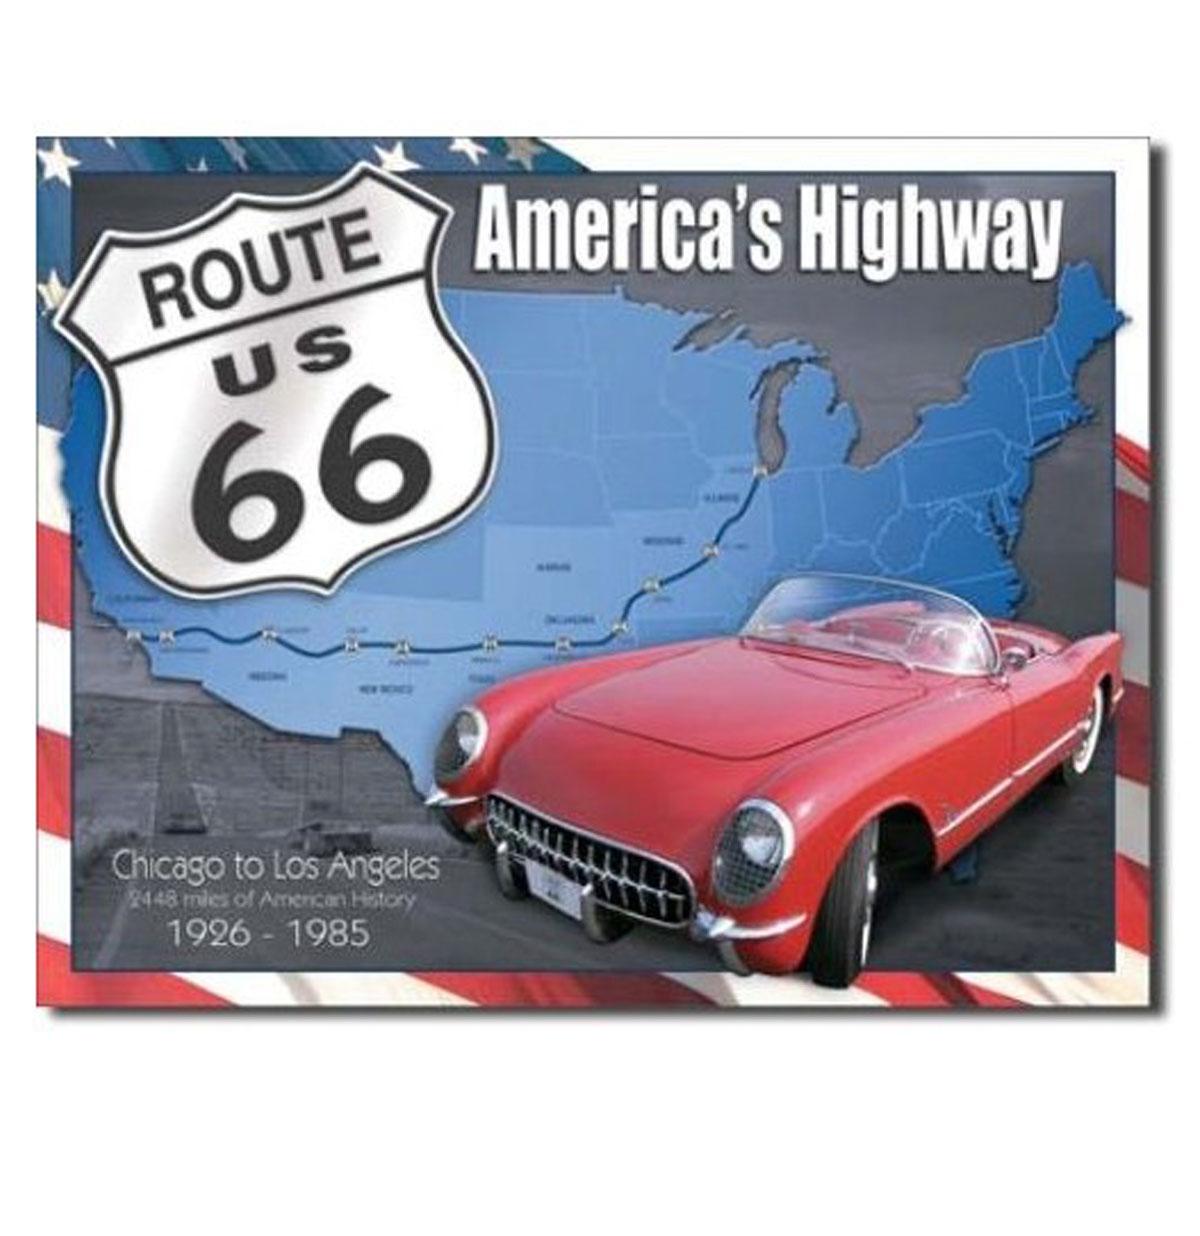 Metalen Poster - Route 66 America's Highway 1926-1985